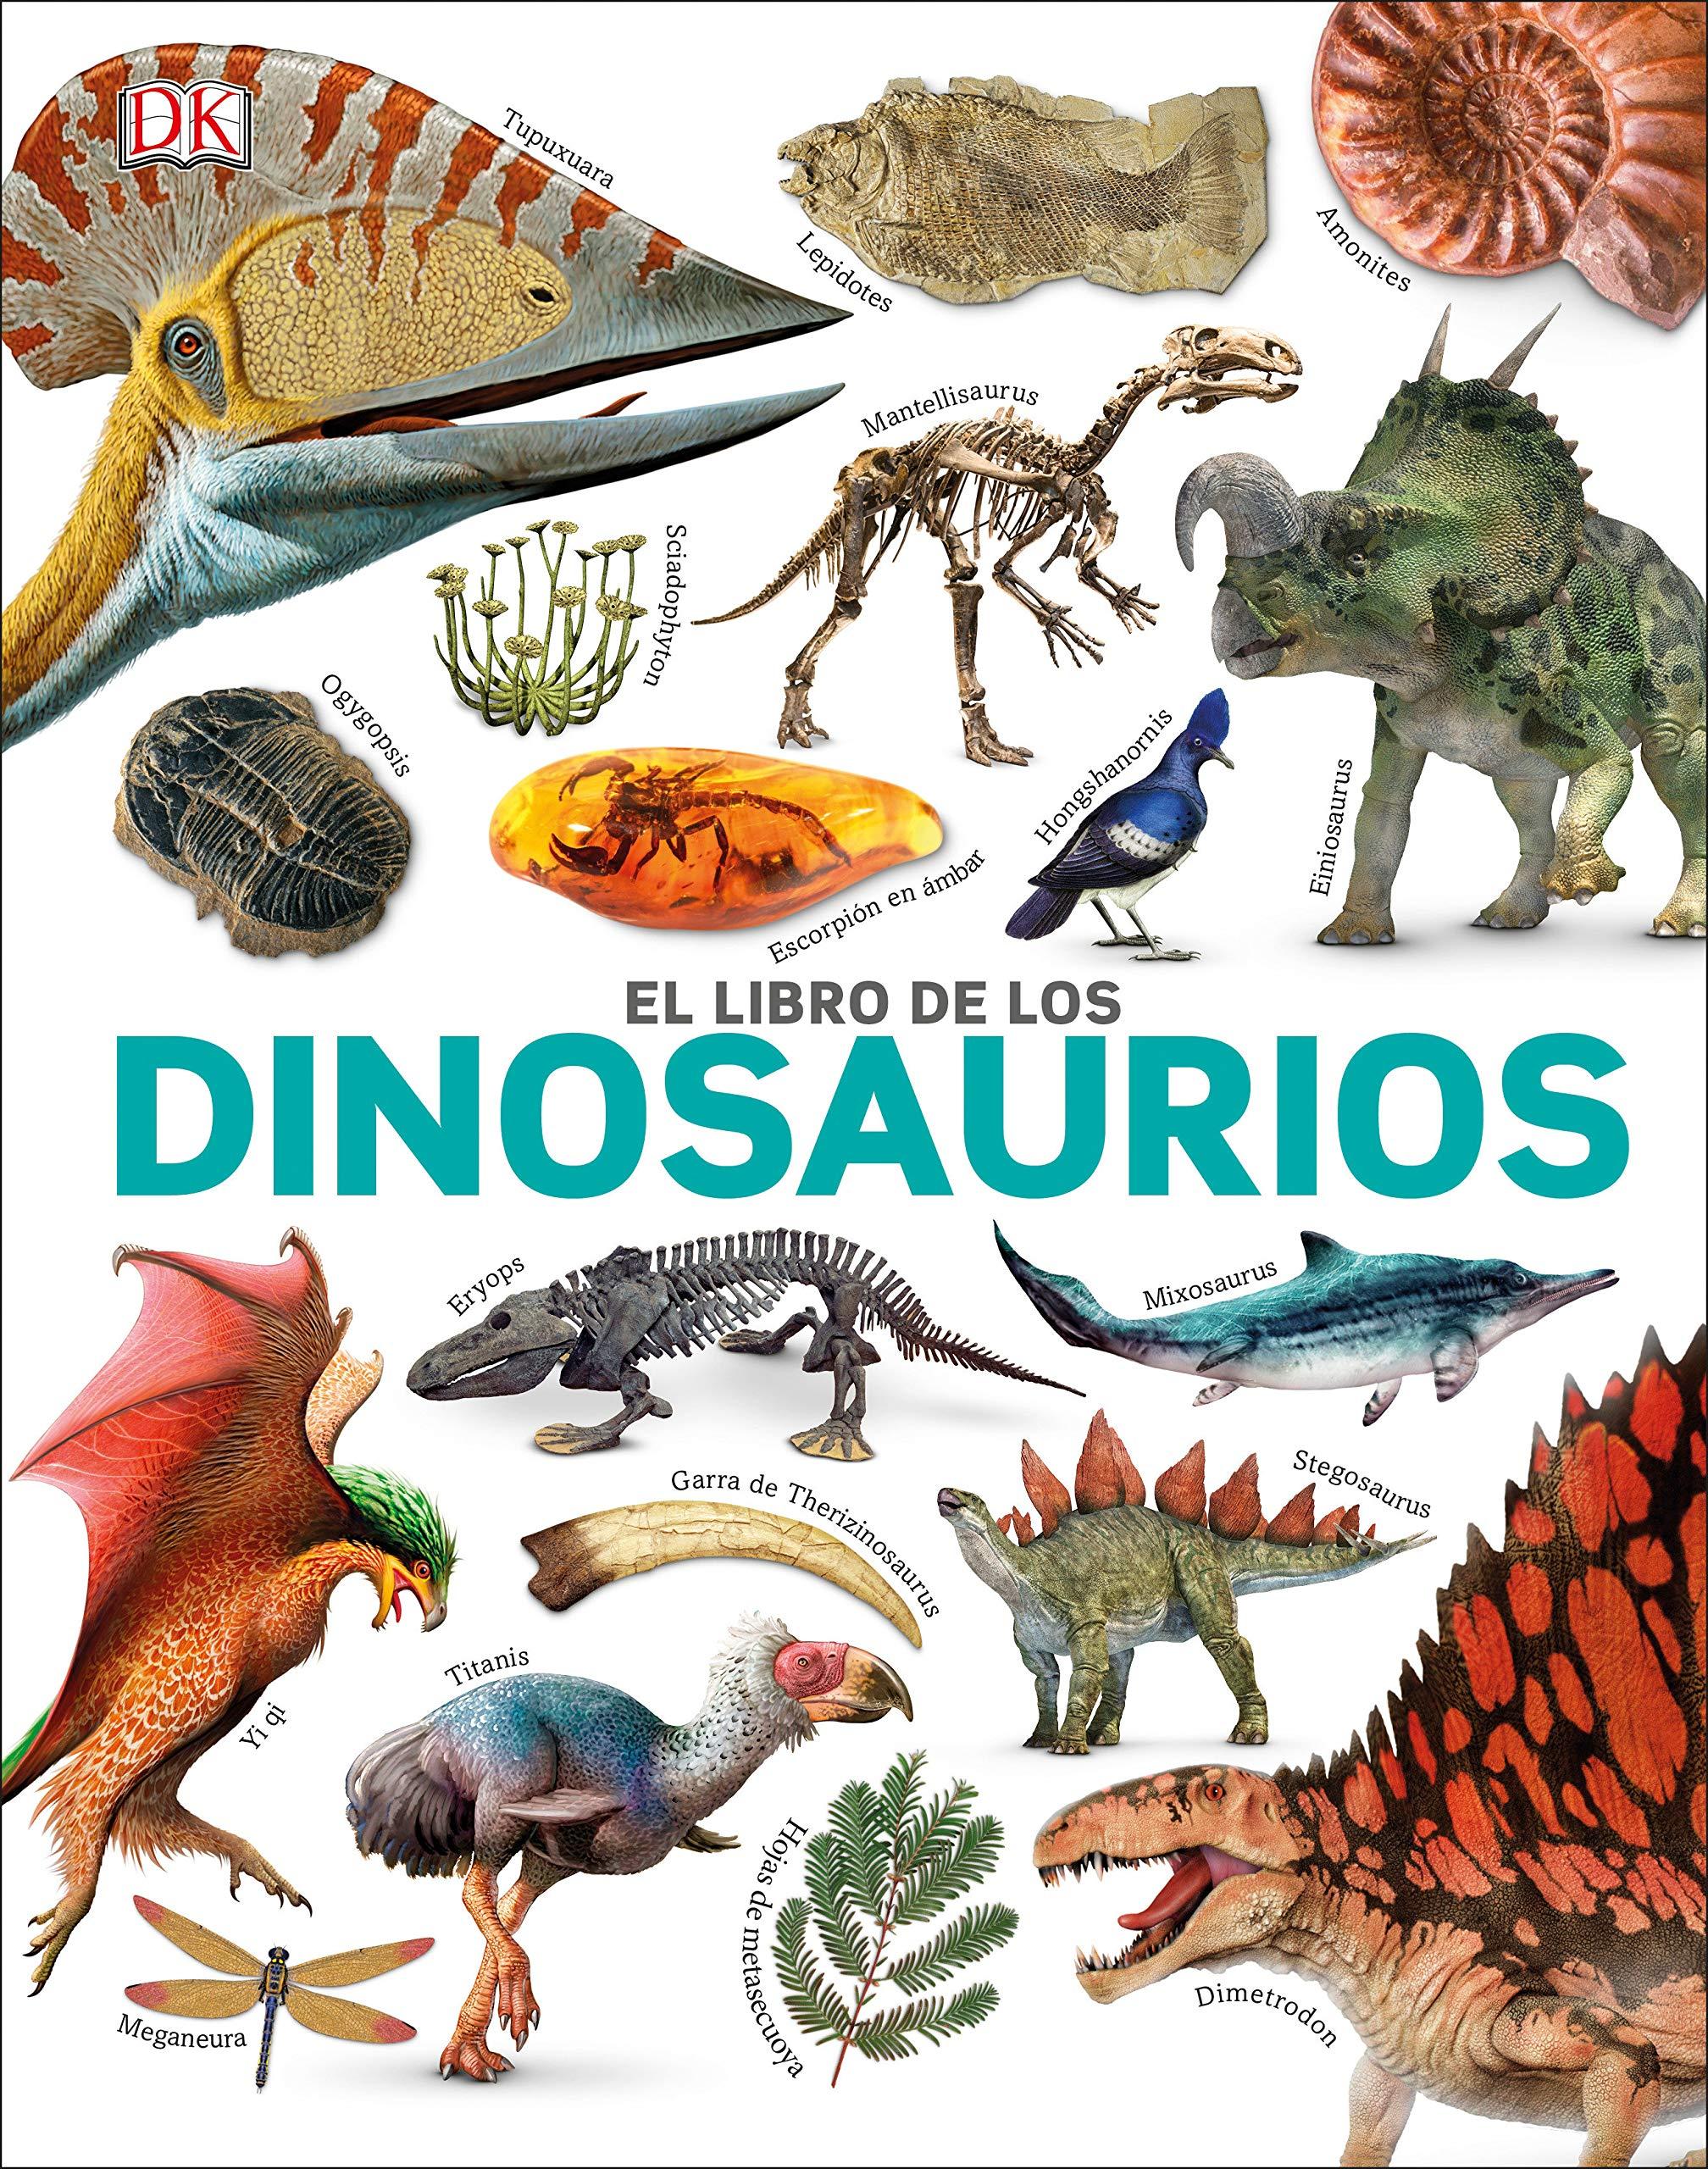 El Libro De Los Dinosaurios Spanish Edition Dk 9781465479235 Amazon Com Books En mi libro de dinosaurios los más pequeños podrán divertirse, colorear y desarrollar su creatividad al máximo. los dinosaurios spanish edition dk